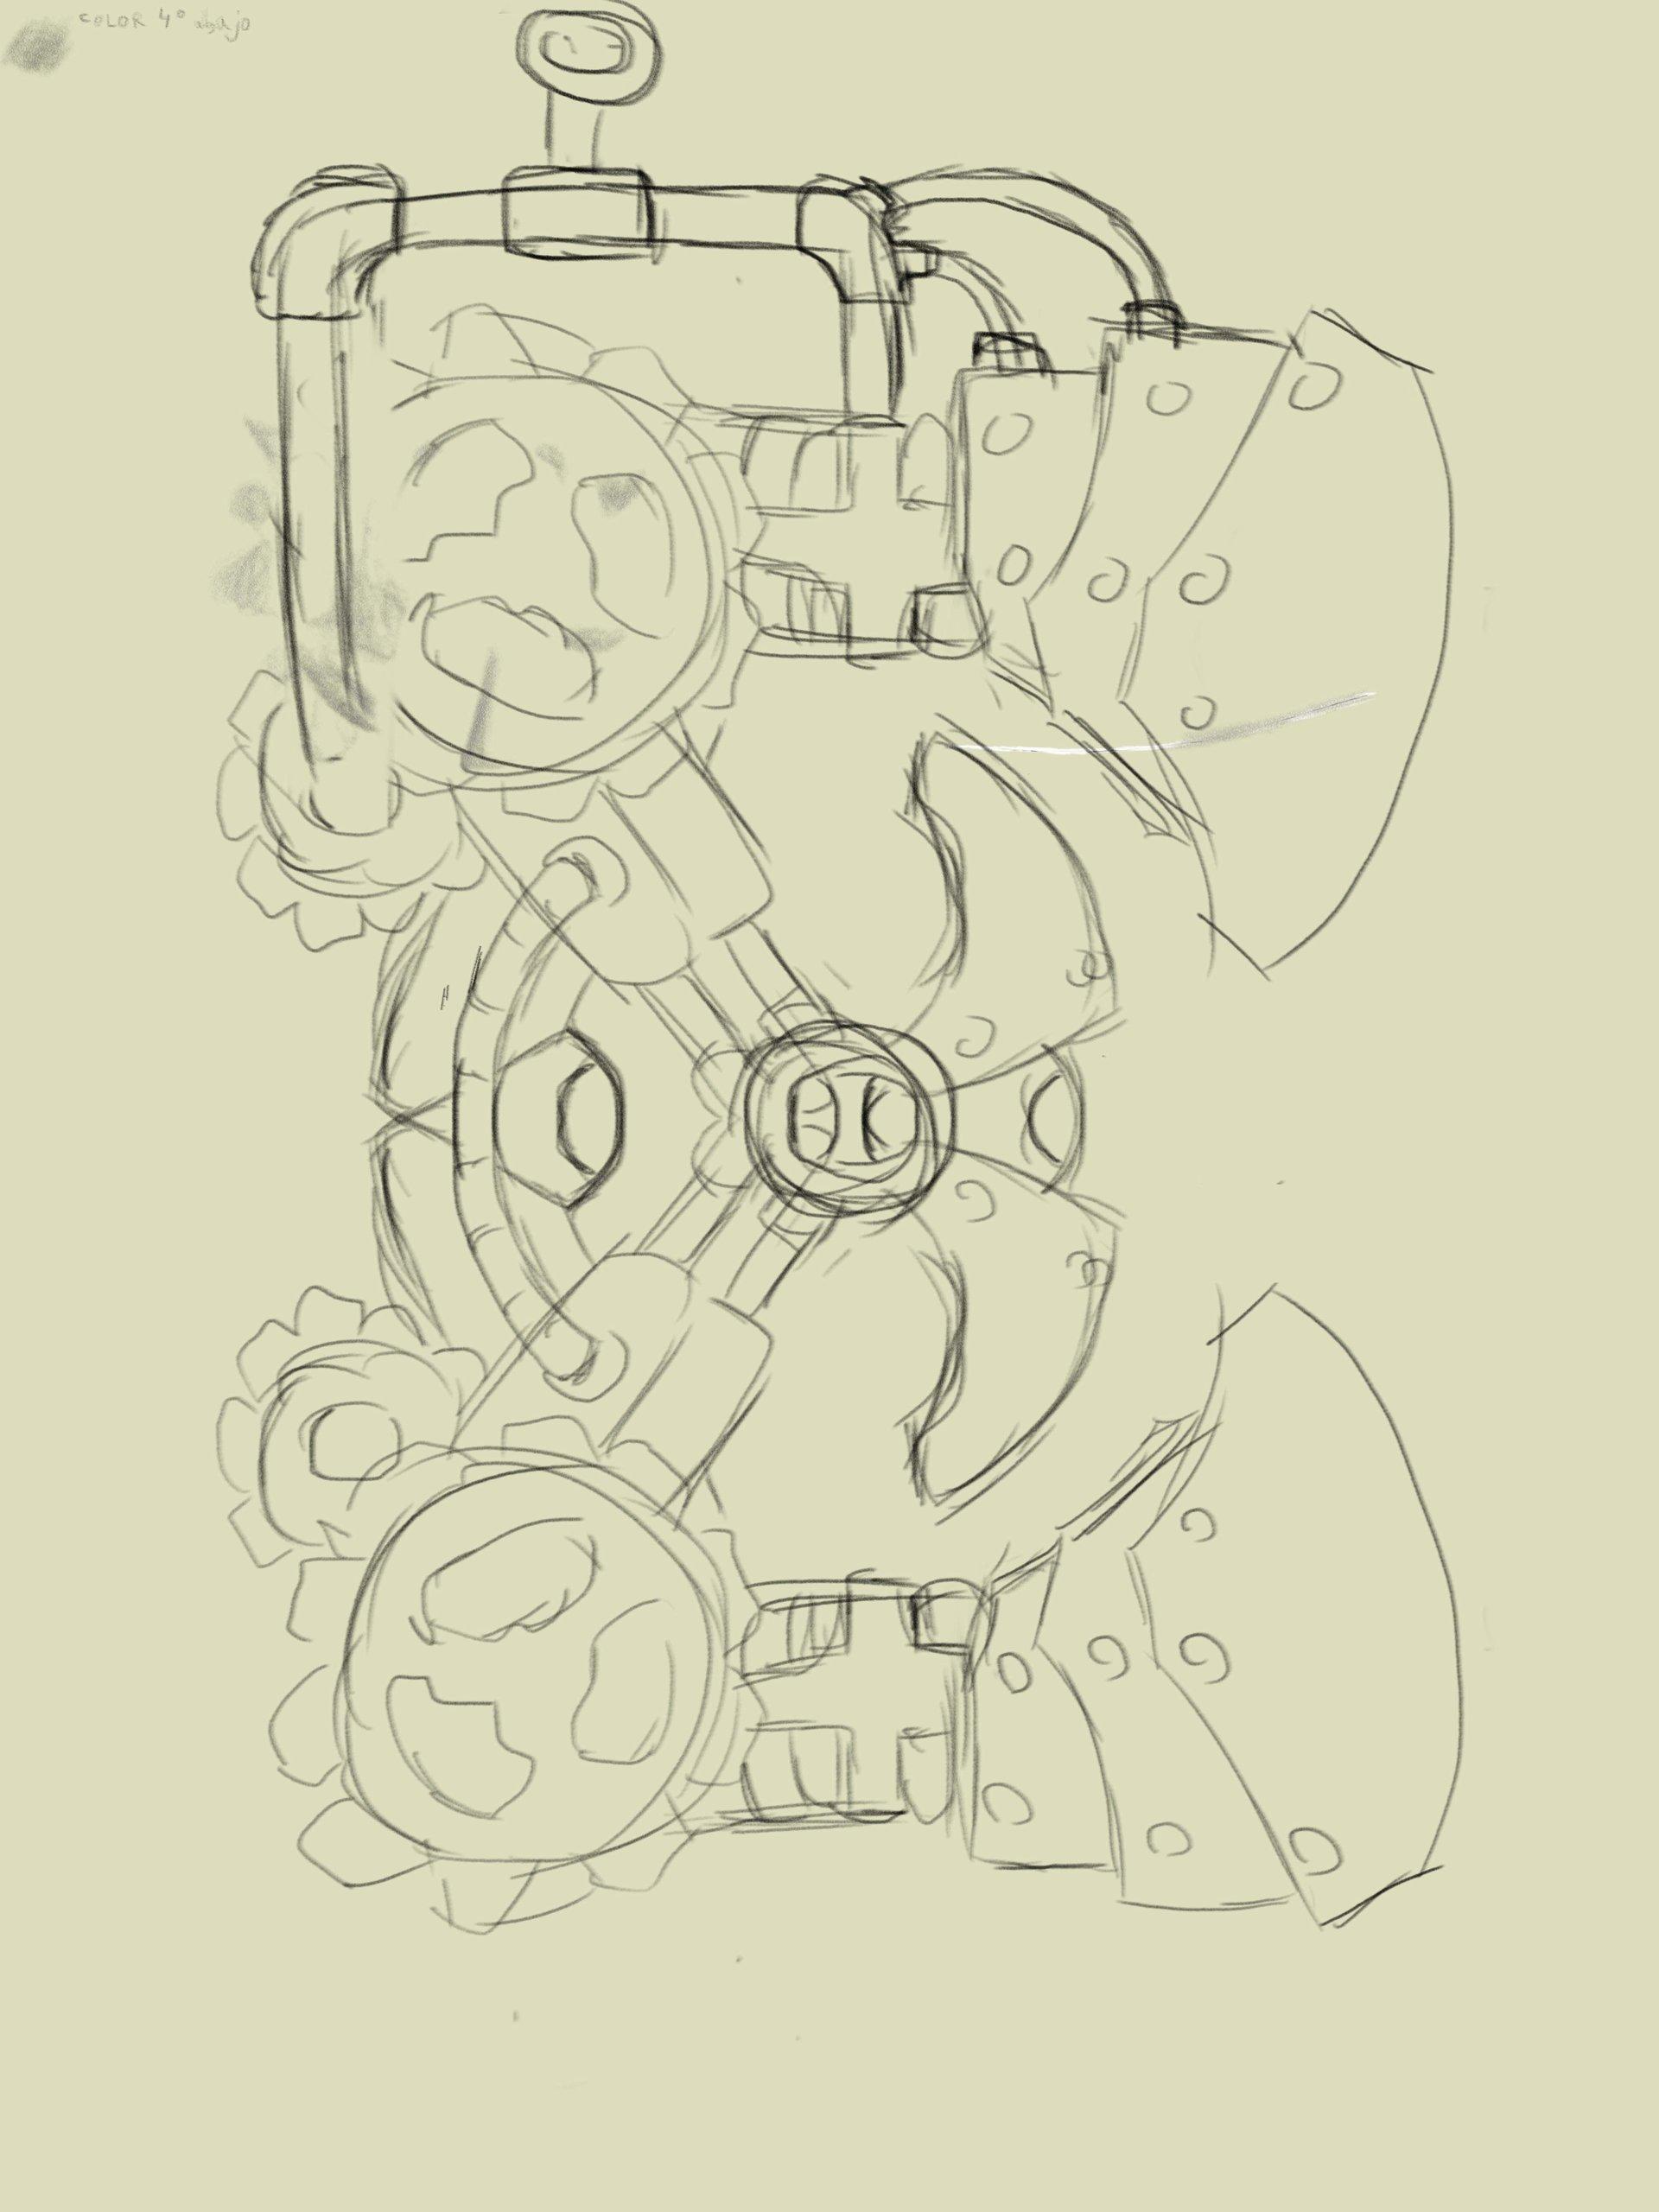 Emanuel pineiro letra steampunk boceto